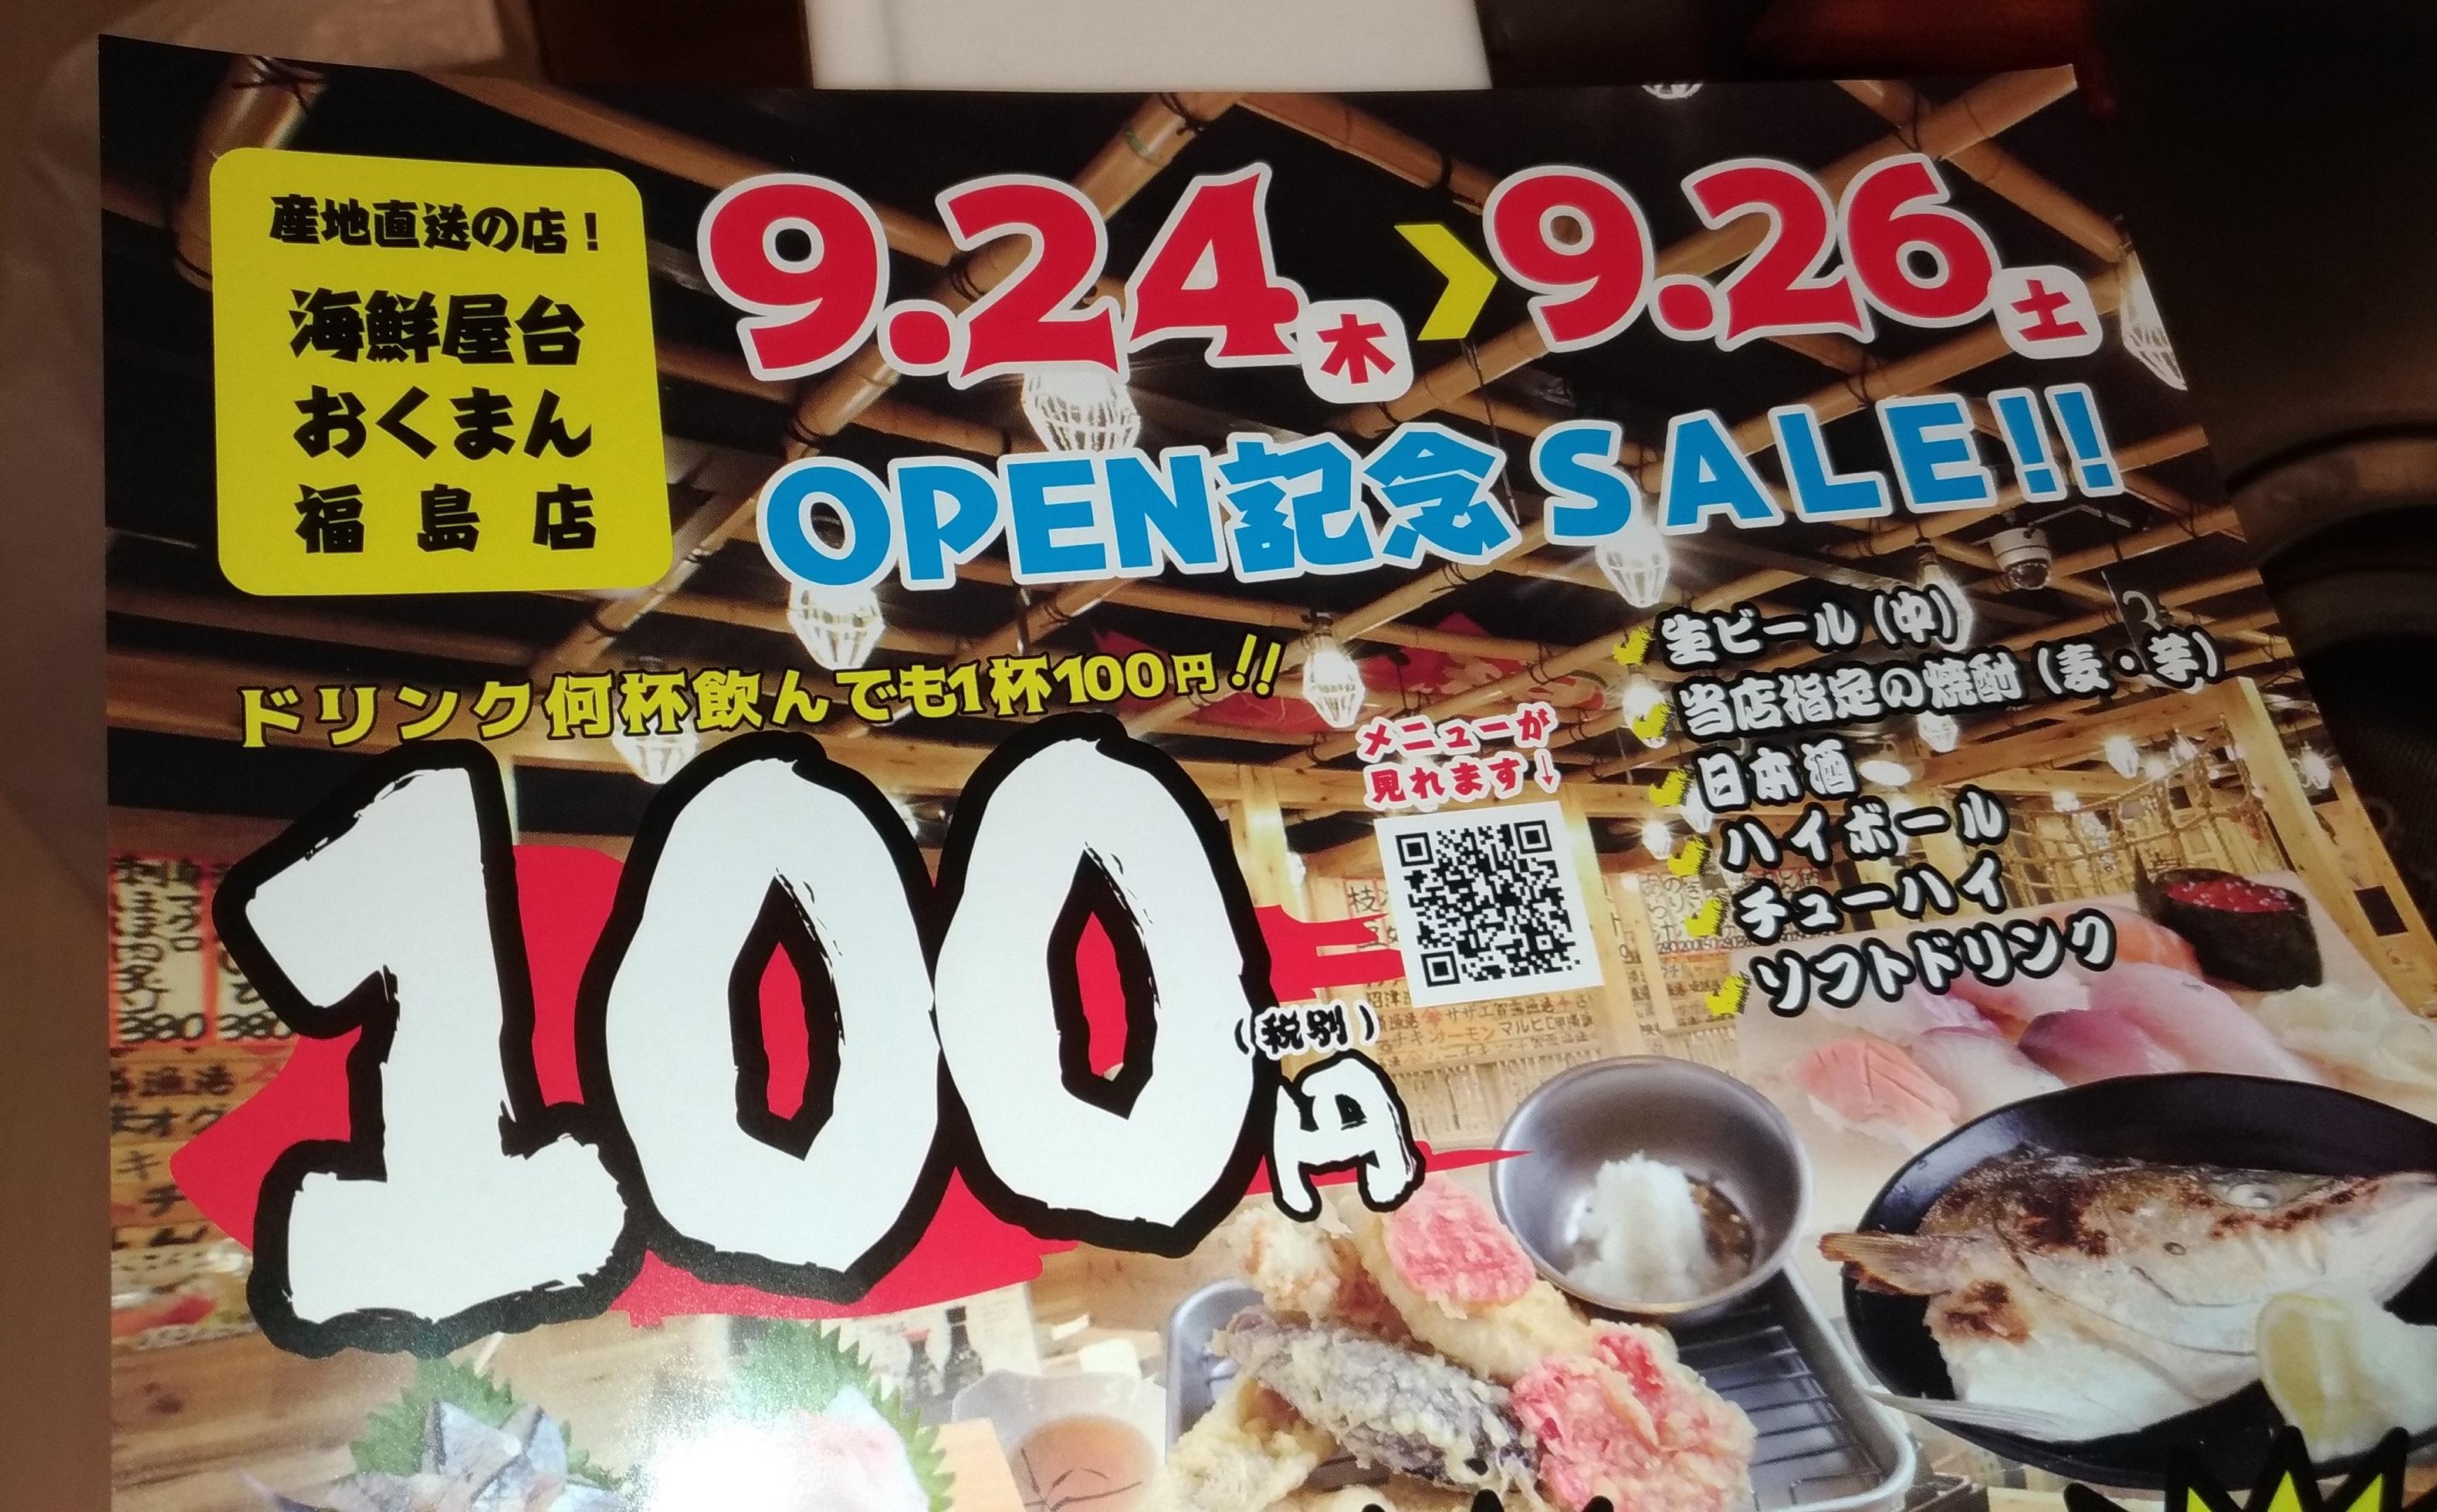 osaka_fukushima_100en_open_0924_.jpg